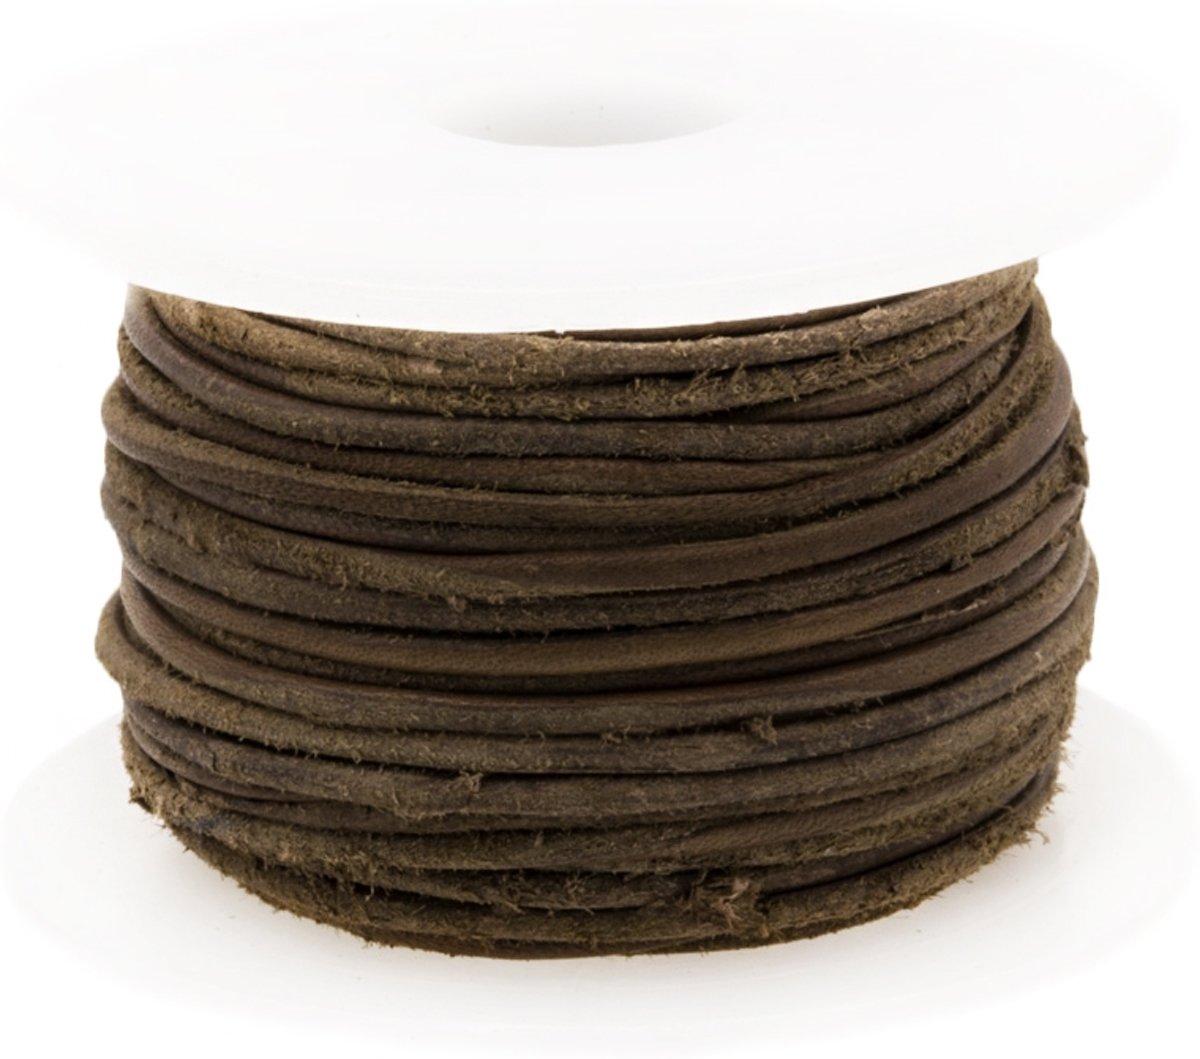 Keramiek Kralen (8 mm) Tan Brown (25 Stuks) kopen